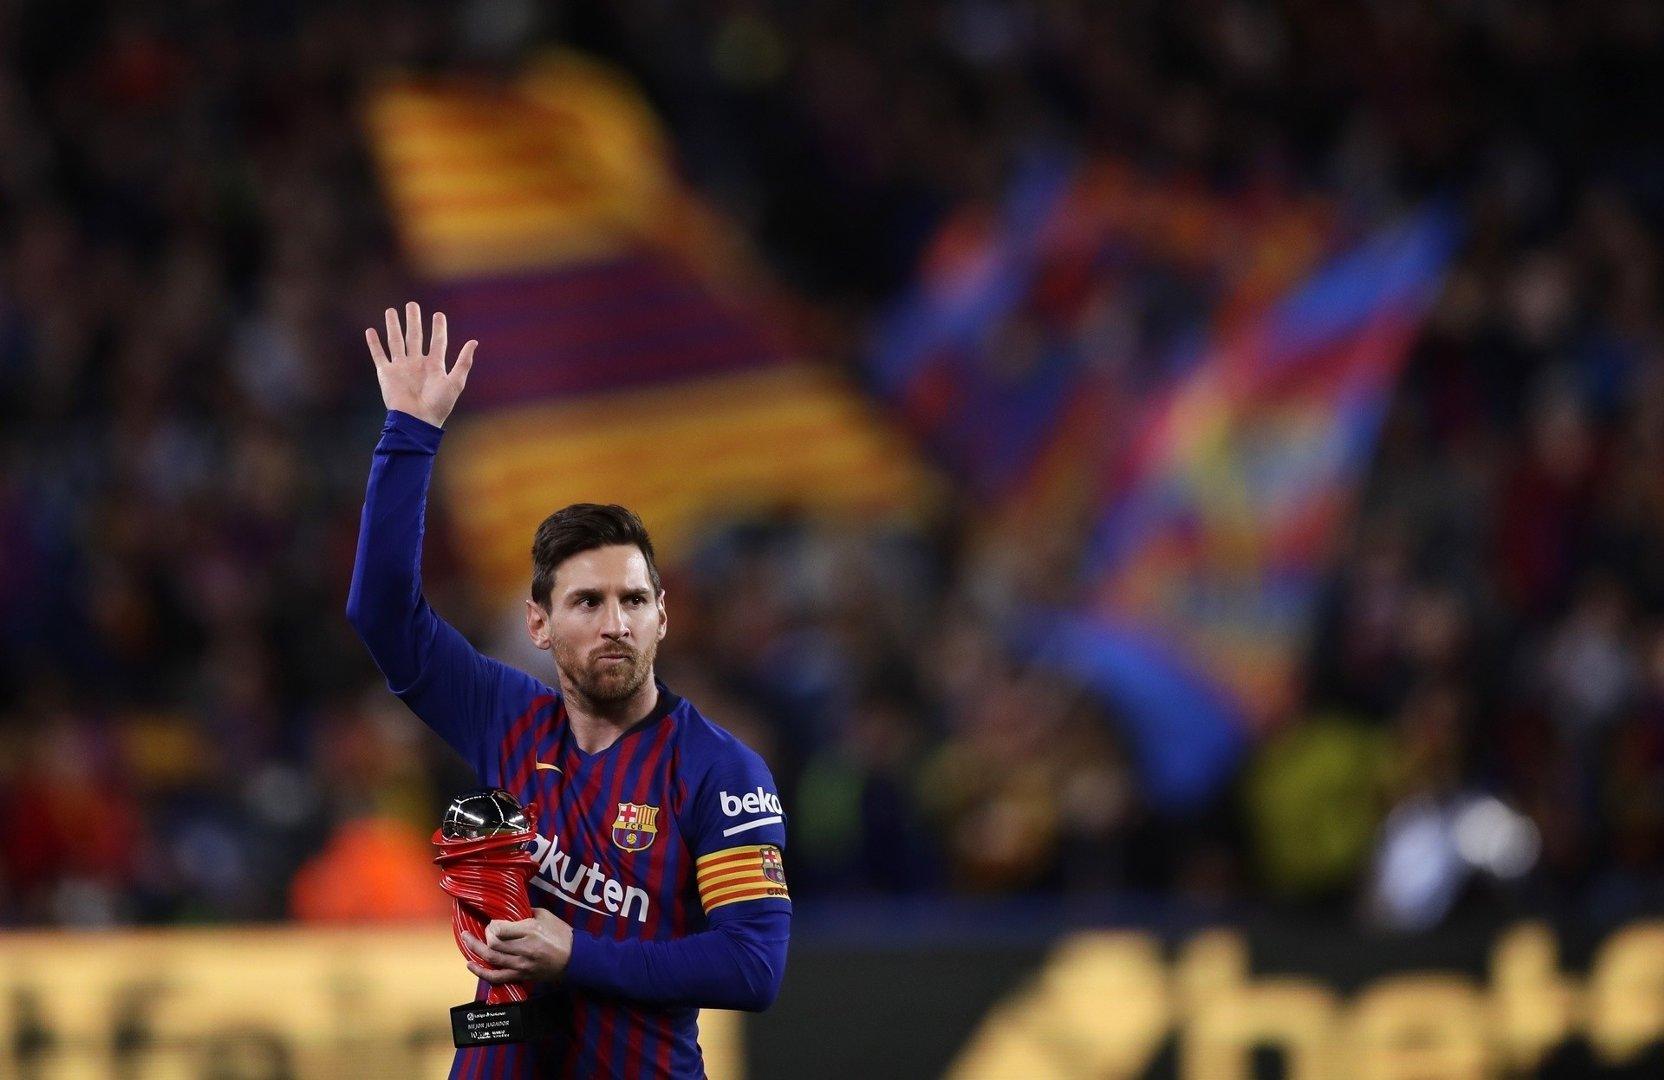 2a3600ca5 Mecz FC Barcelona - Manchester United transmisja online na żywo w ...